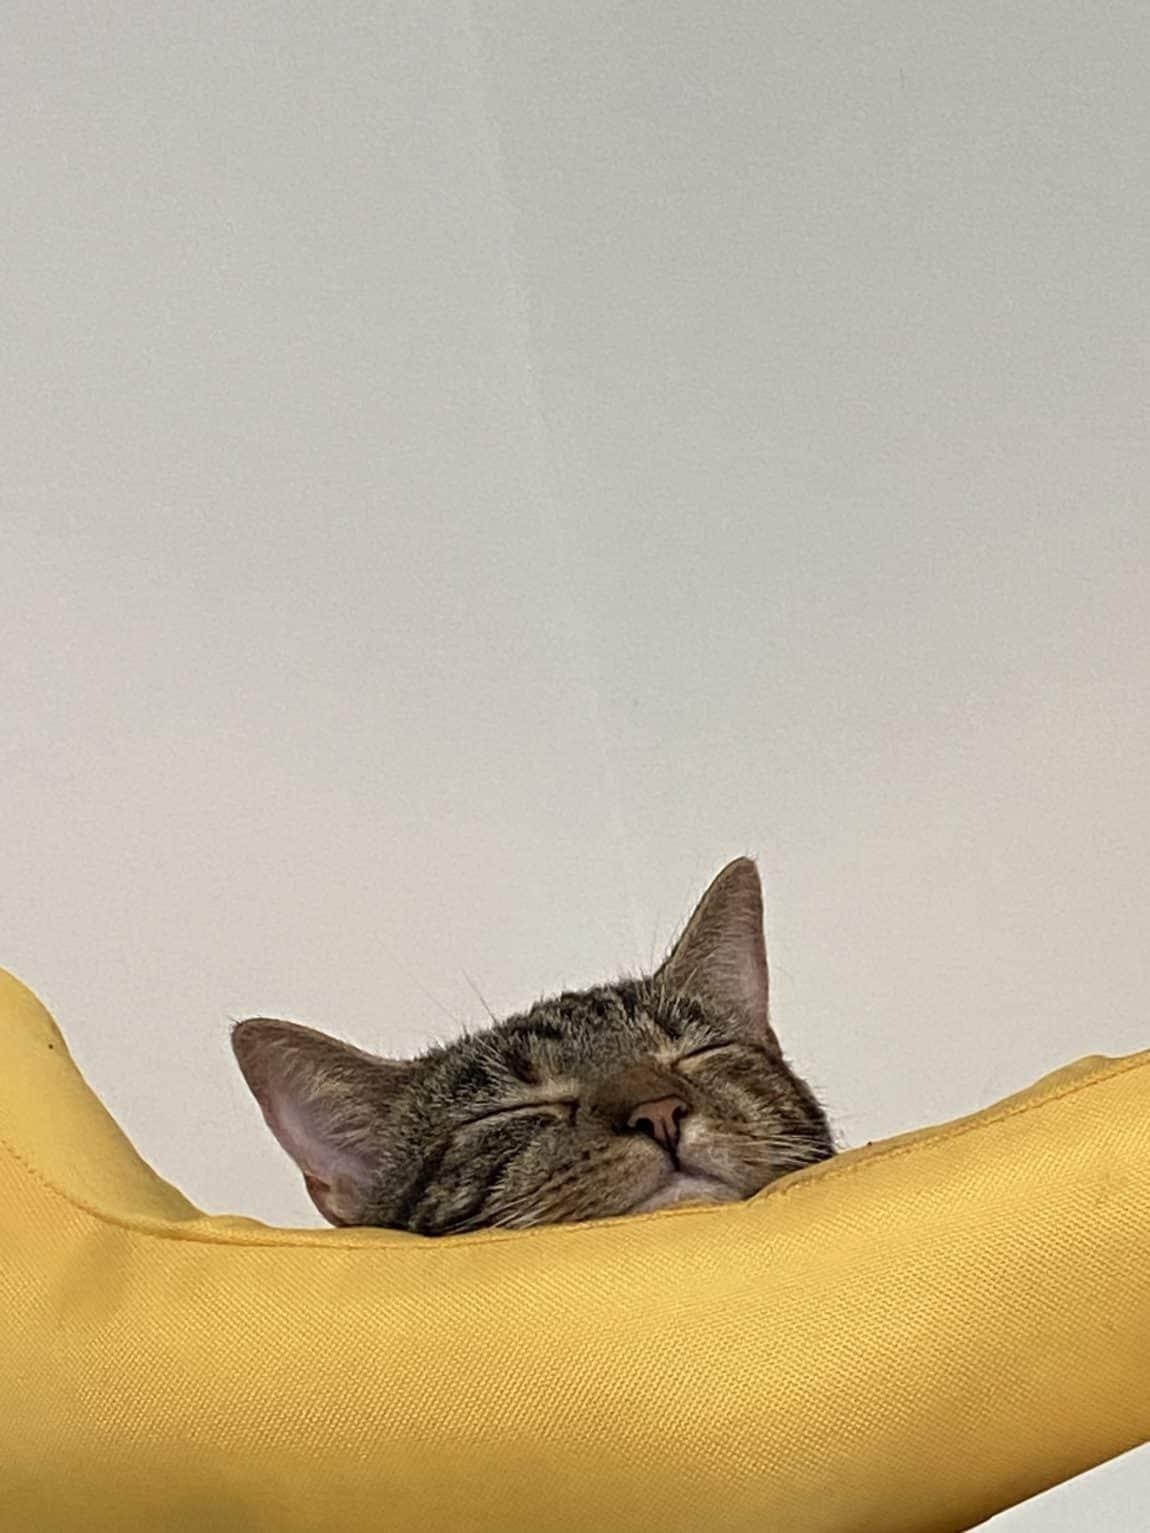 #12 Nicht nur die Katze ist müde nach dem heutigen TAg.